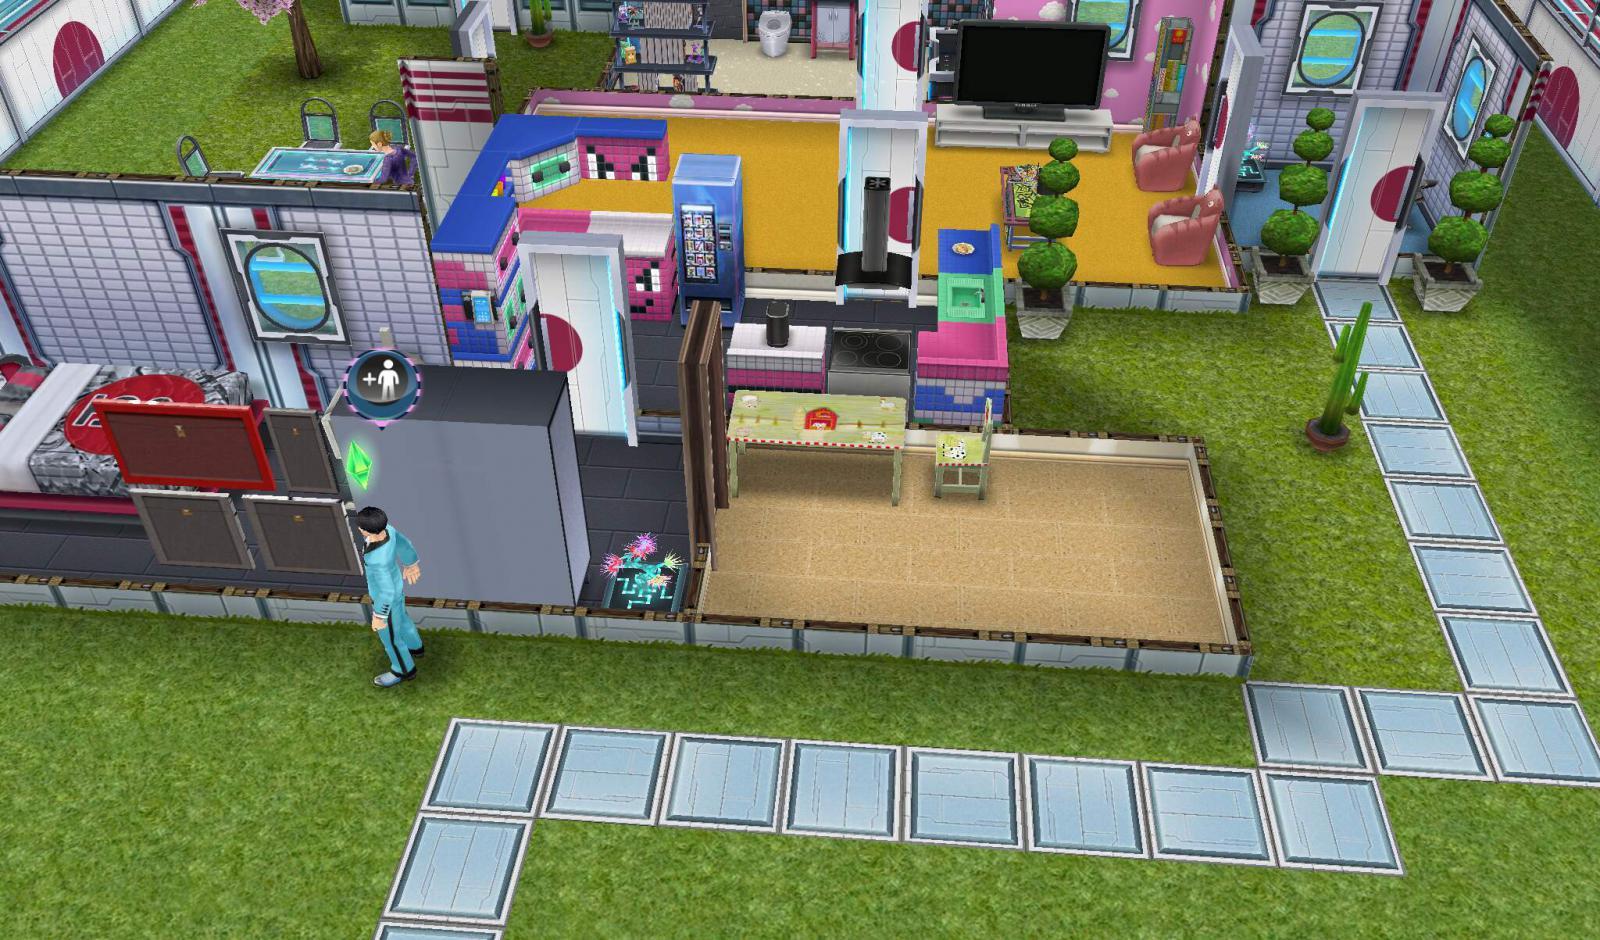 The Sims Freeplay tvoria datovania vzťah görevi